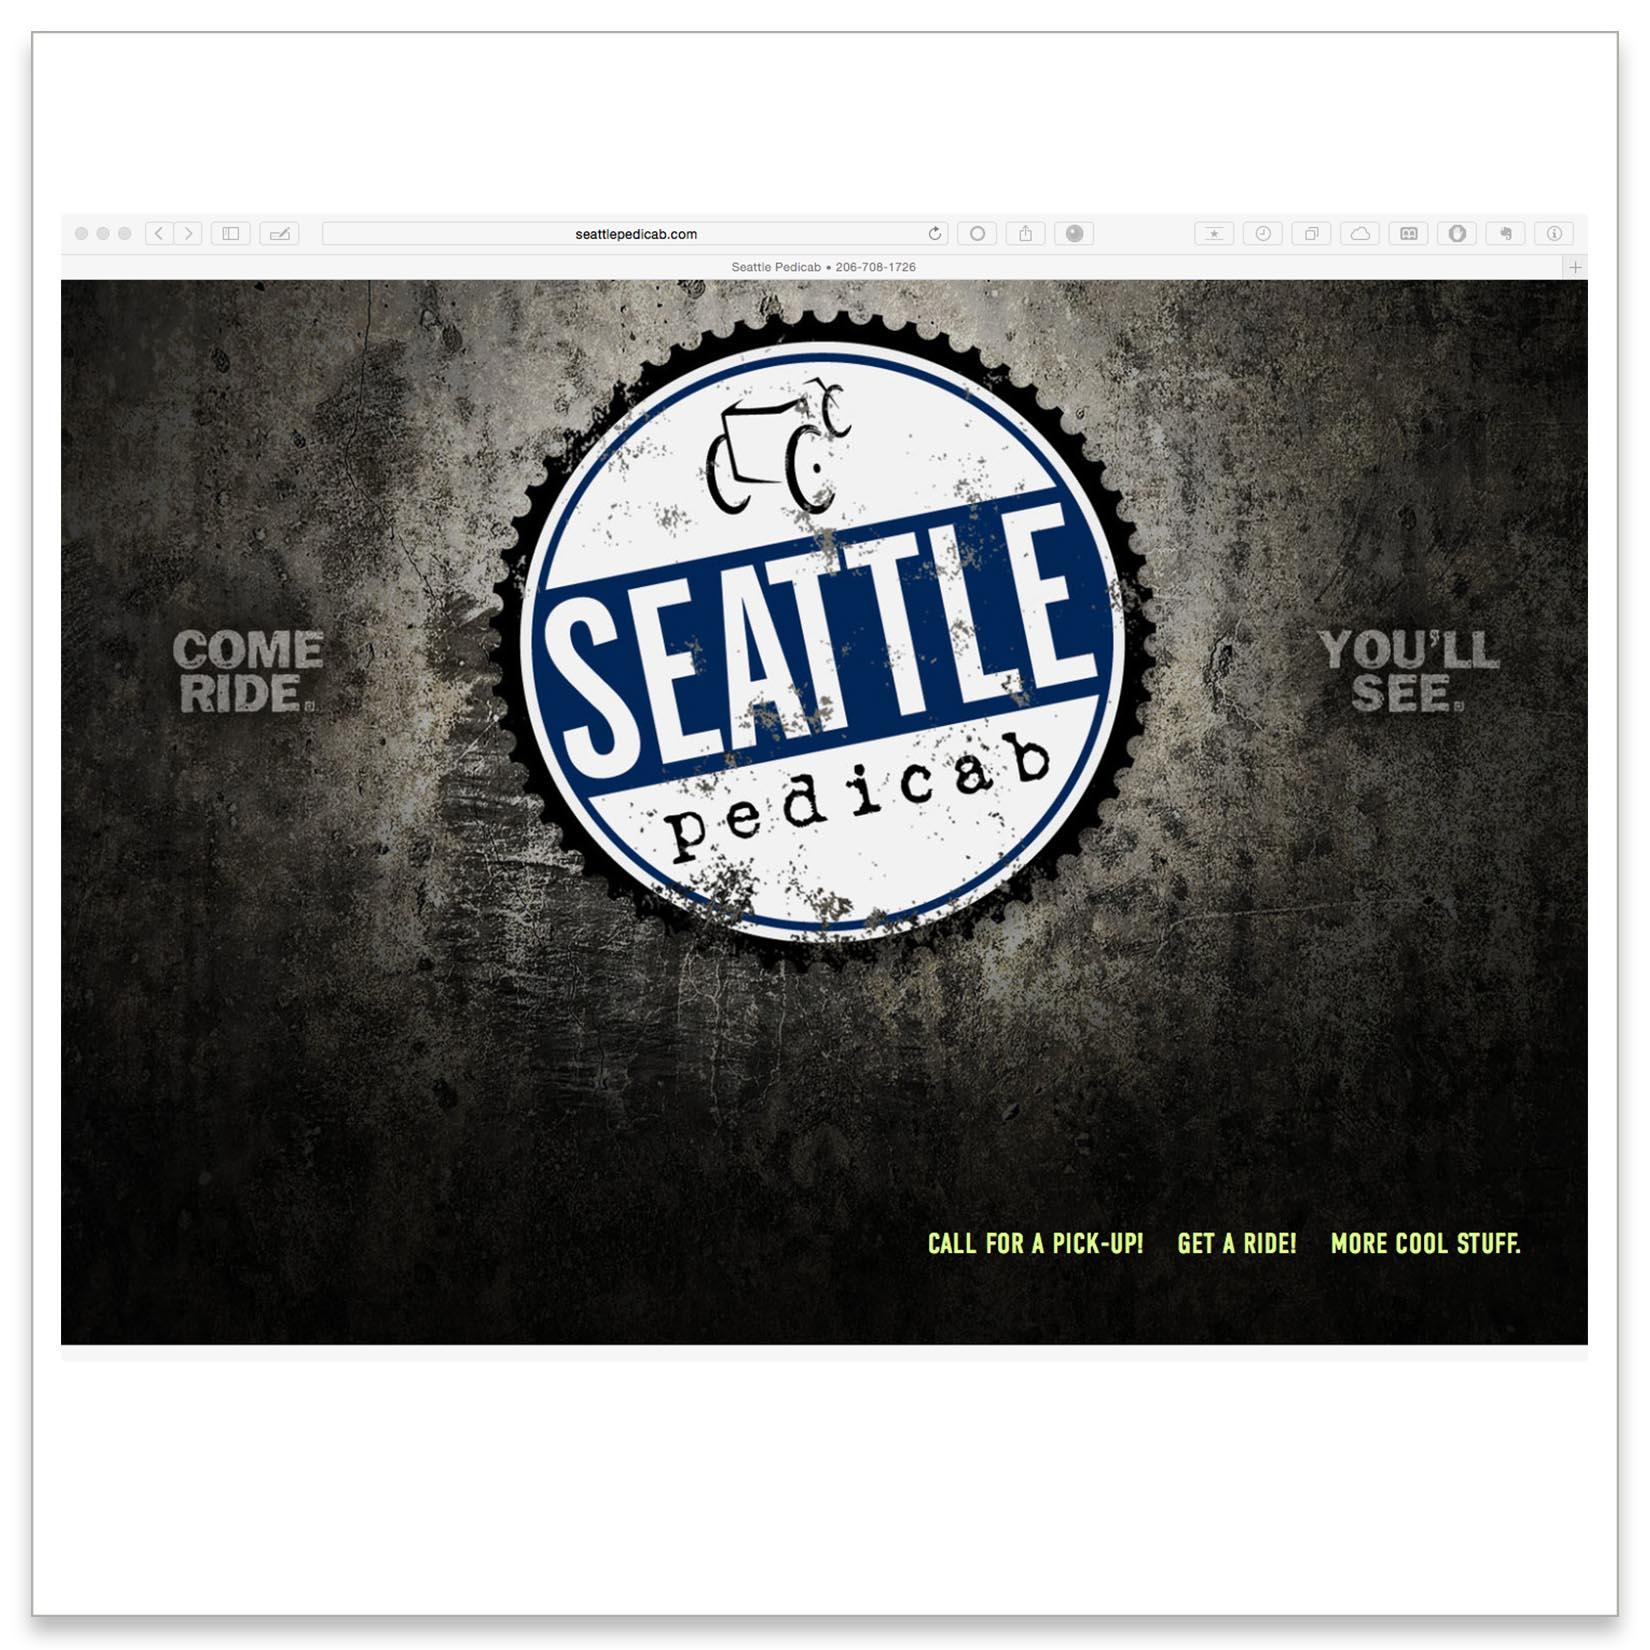 WorkSamples_Pedicab Seattle.jpg